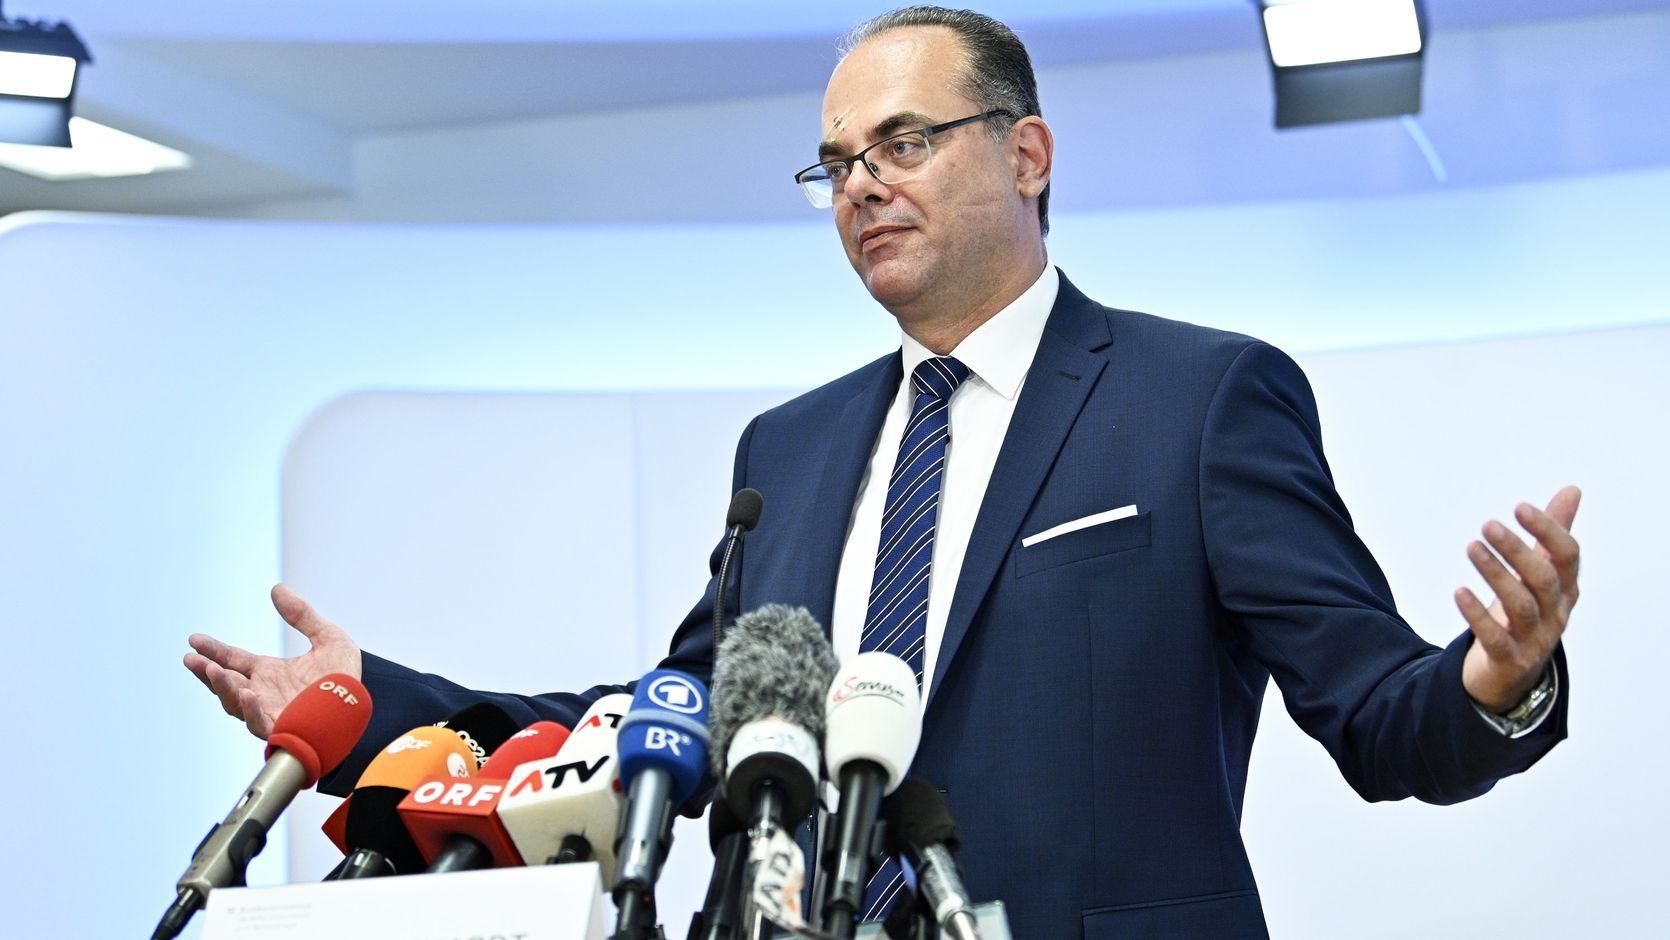 Andreas Reichhardt (Verkehrsminister Österreich) bei der Pressekonferenz zum Urteil des Europäischen Gerichtshofs zur Pkw-Maut in Deutschland.